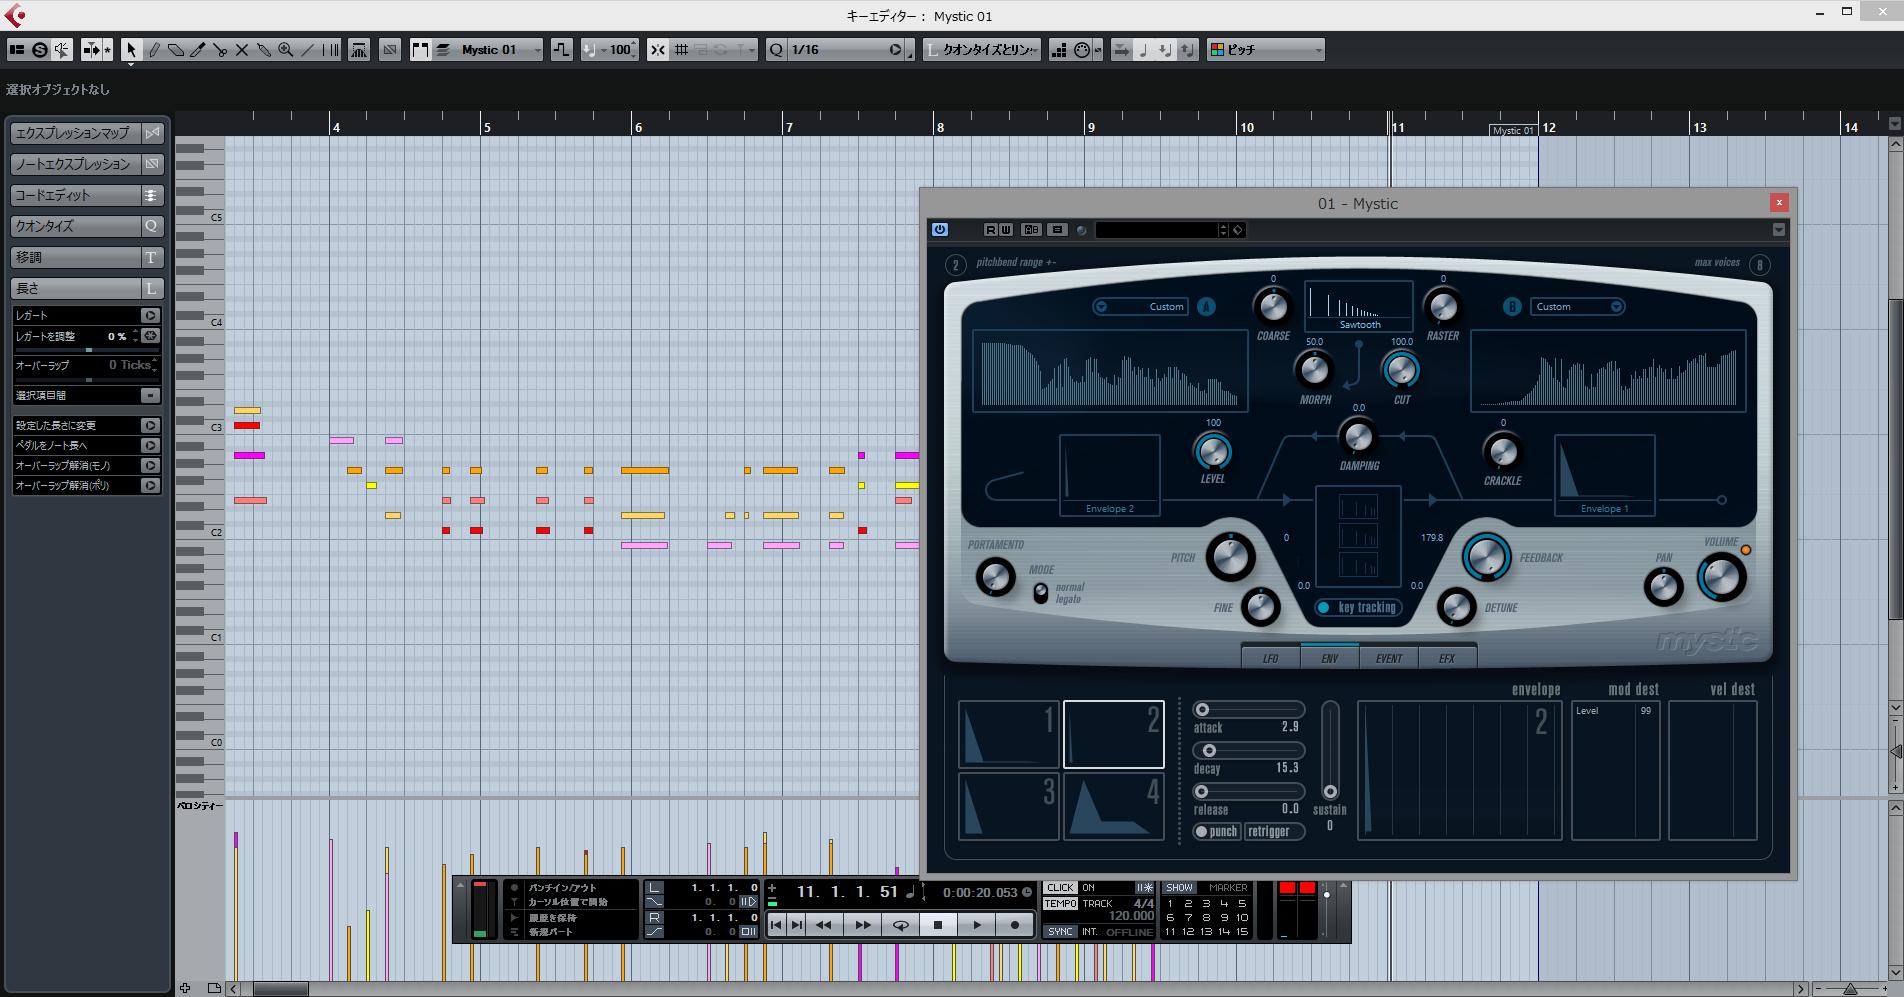 ソフトウェア音源でもリアルな楽器の音が再現できる